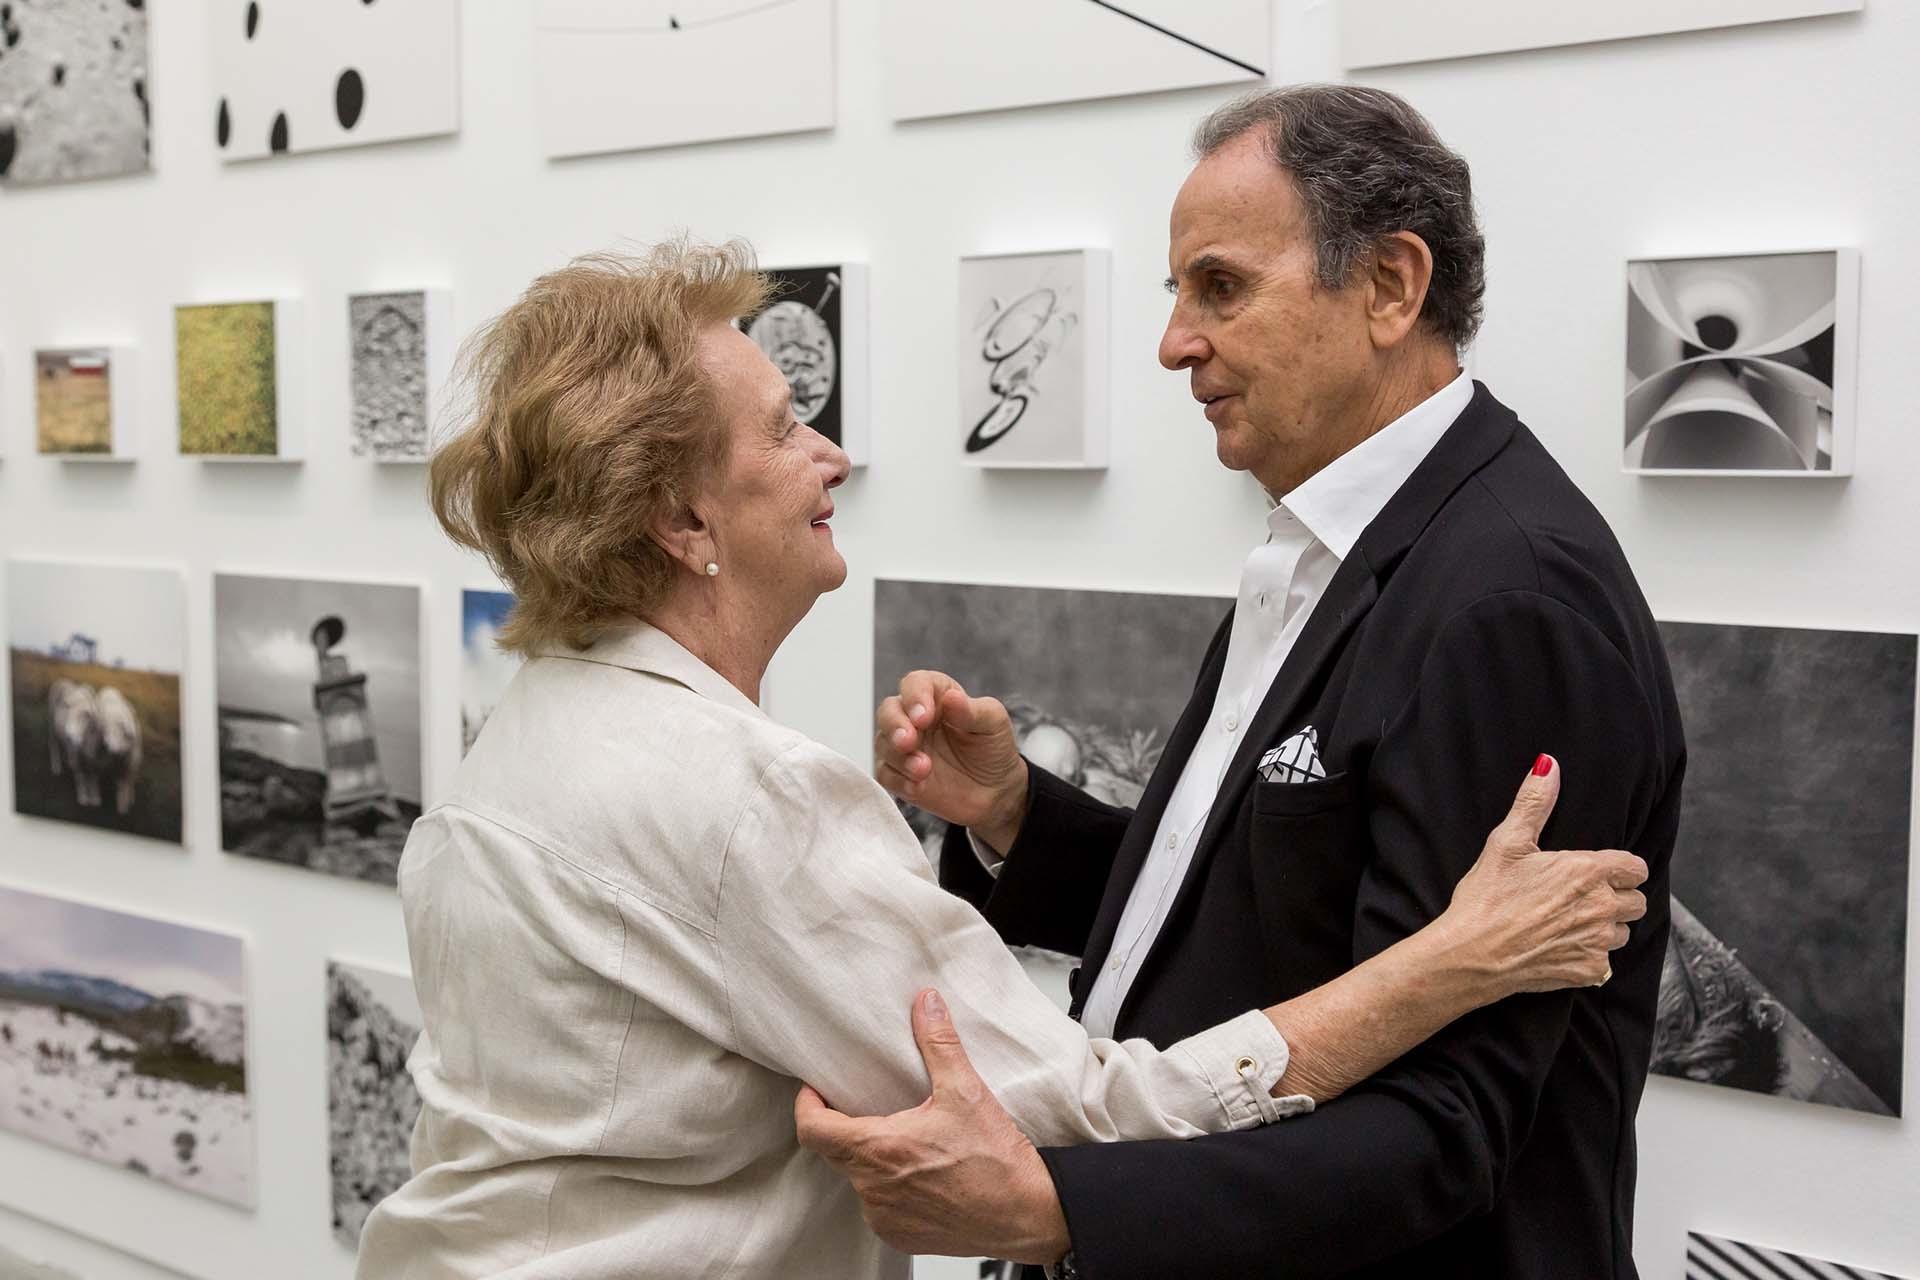 Laura Feinsilber, crítica y comunicadora de Arte, saludando a Aldo Sessa